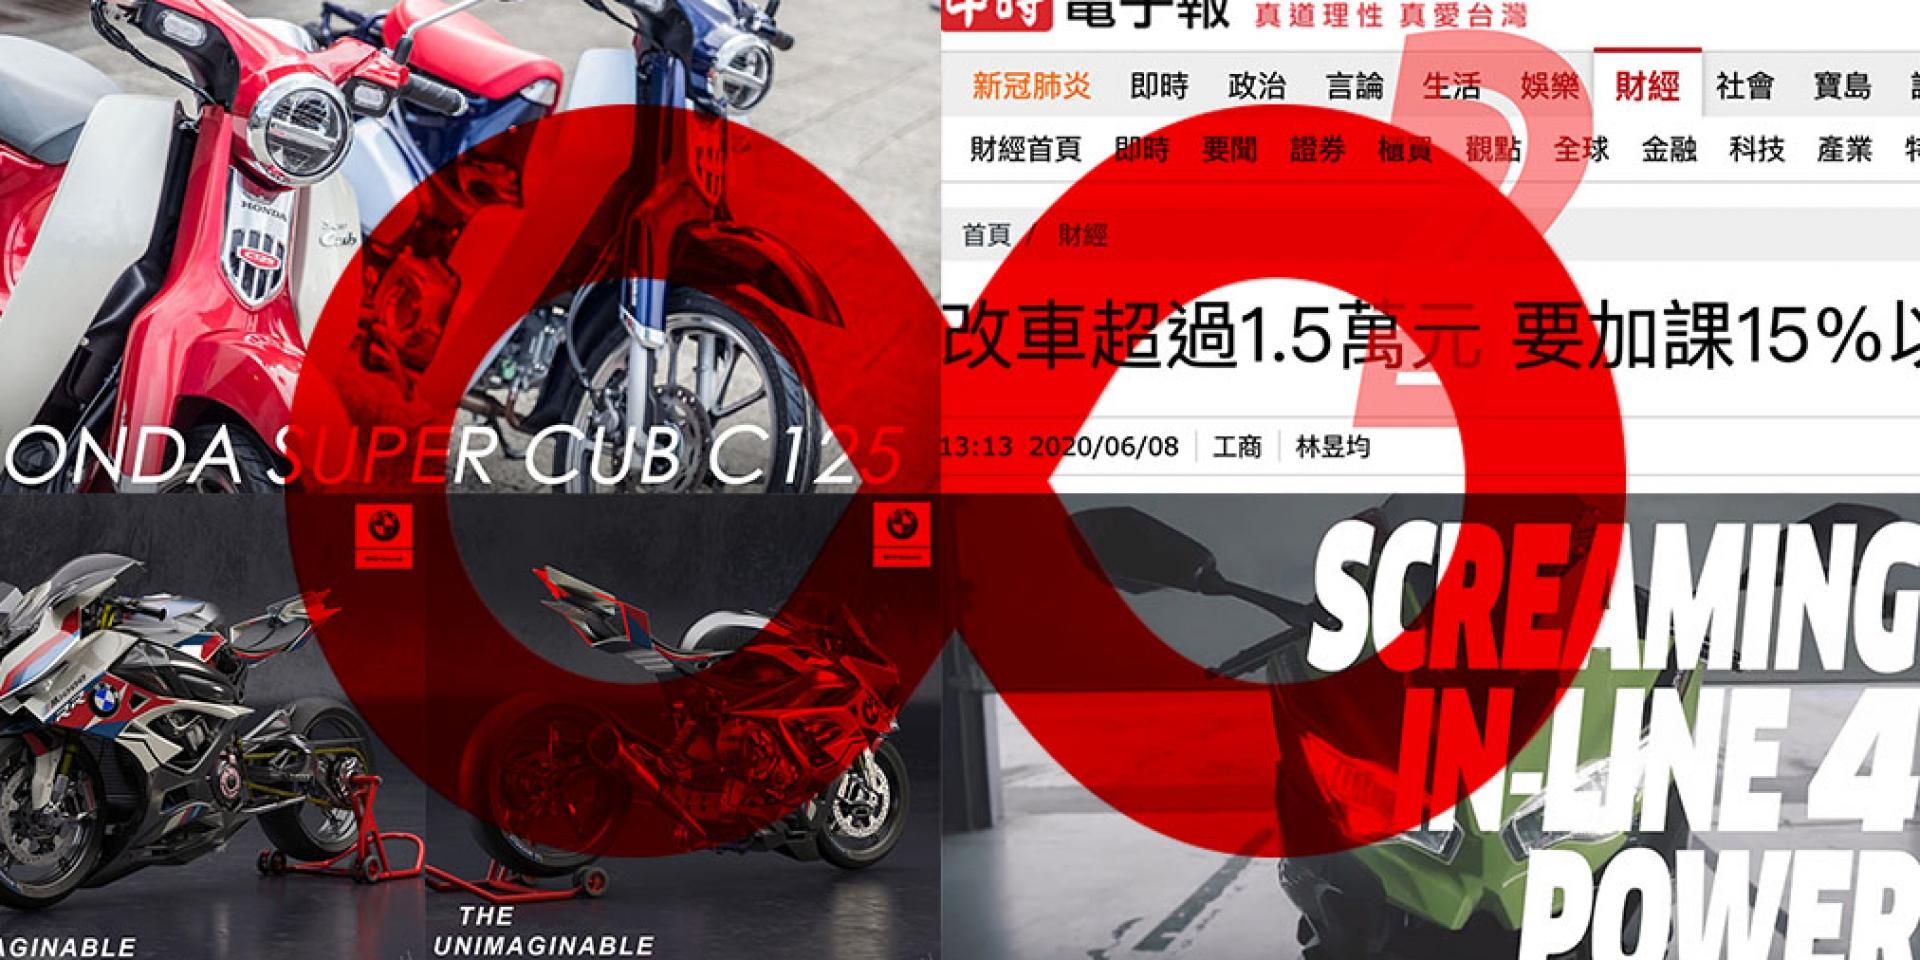 超級週報。06/08-06/13 新聞精選